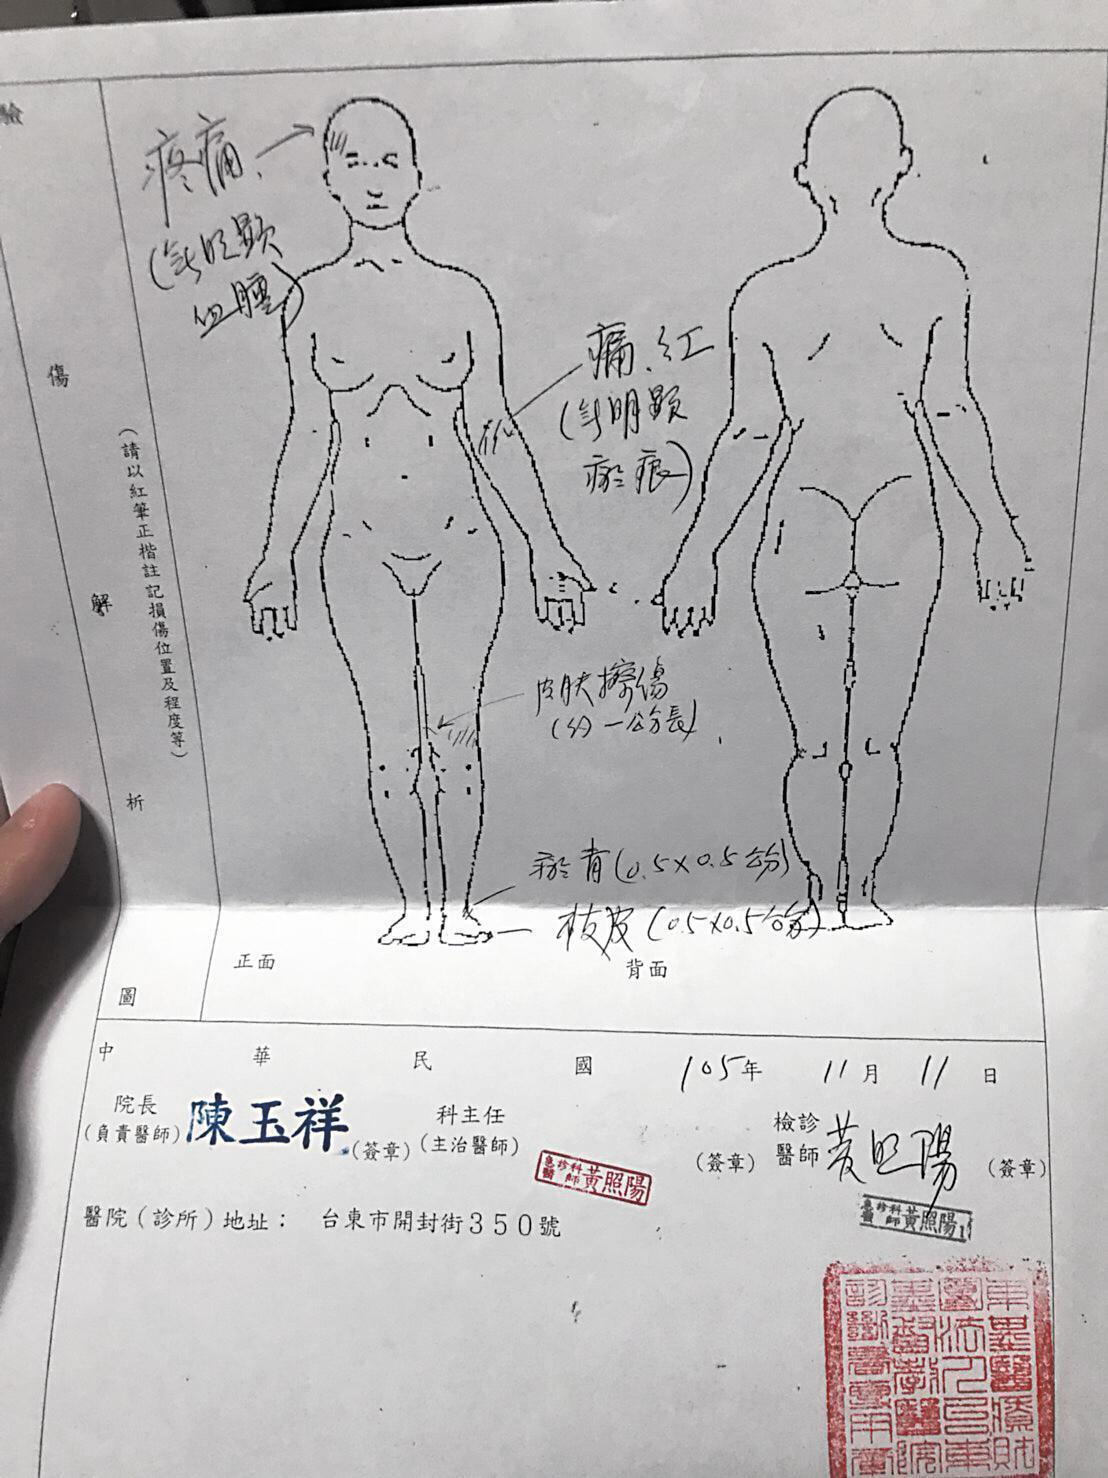 黃勝雄多次毆妻,除了近期4月7日外,爆料者出示2016年黃勝雄老婆的驗傷單,可見到頭部、手腕、腳部都有受傷。(讀者提供)